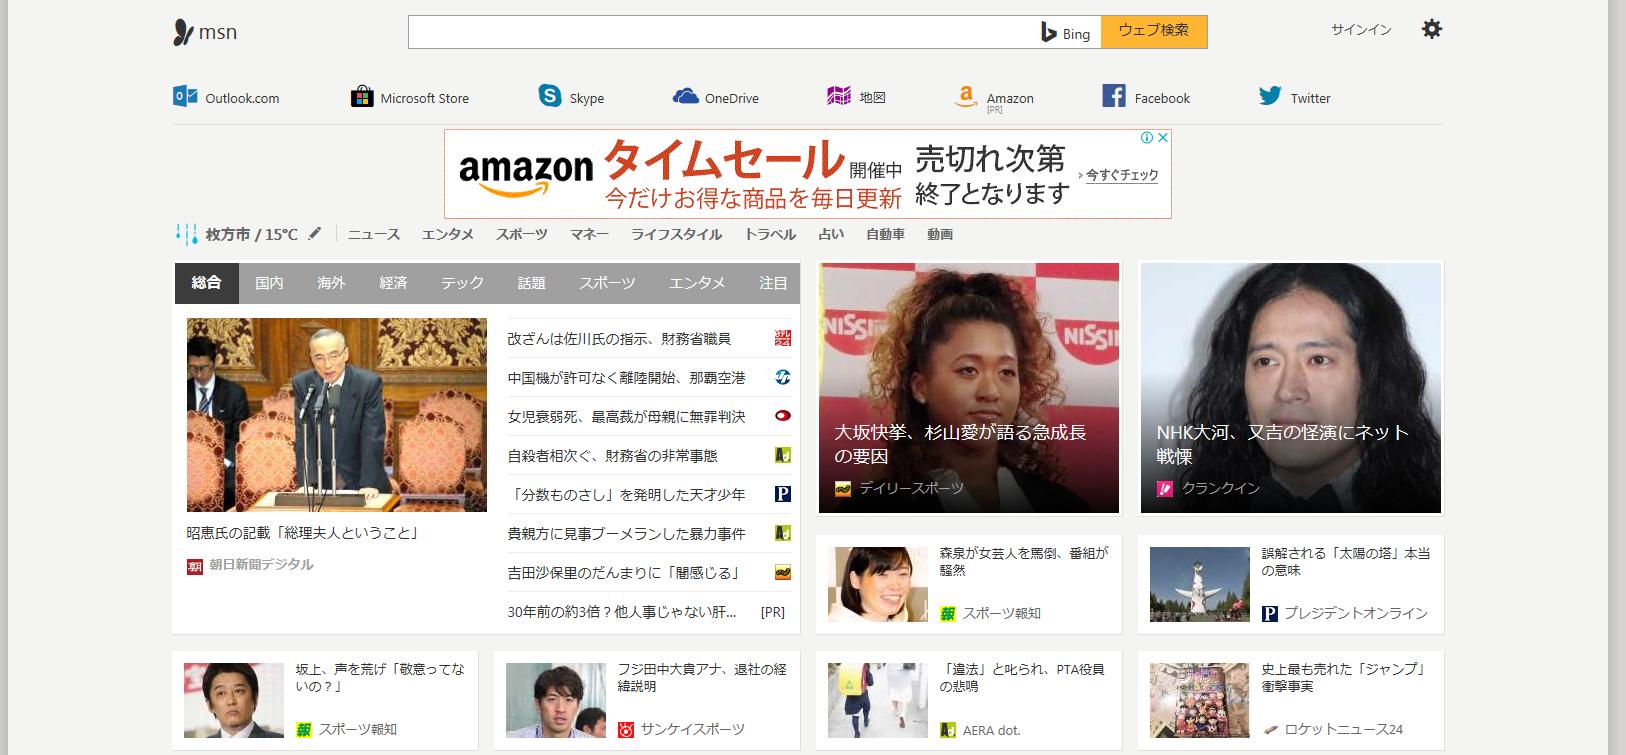 MSNトップページ